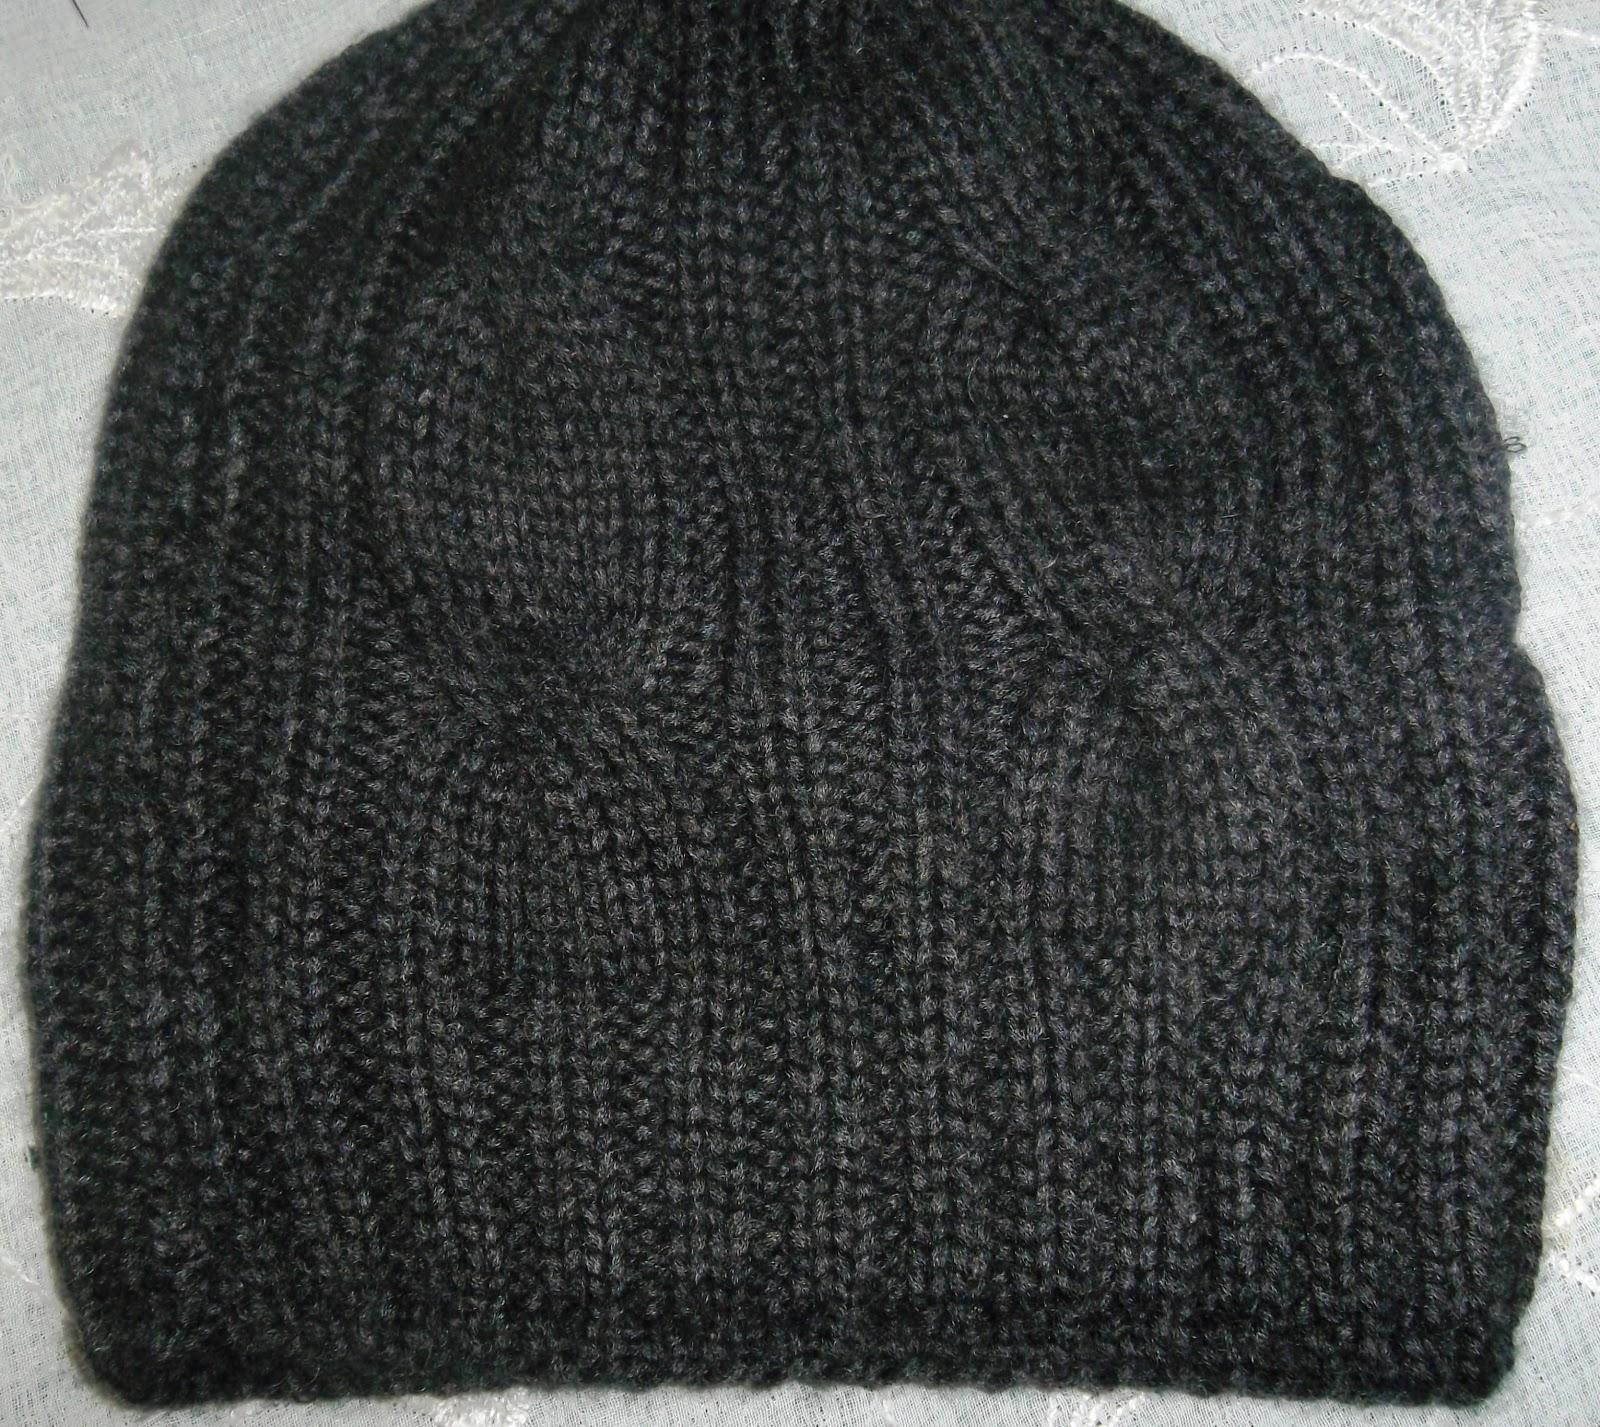 ... Cappello di lana marrone. BERRETO UOMO A FERRI ... 2581e0e4e141